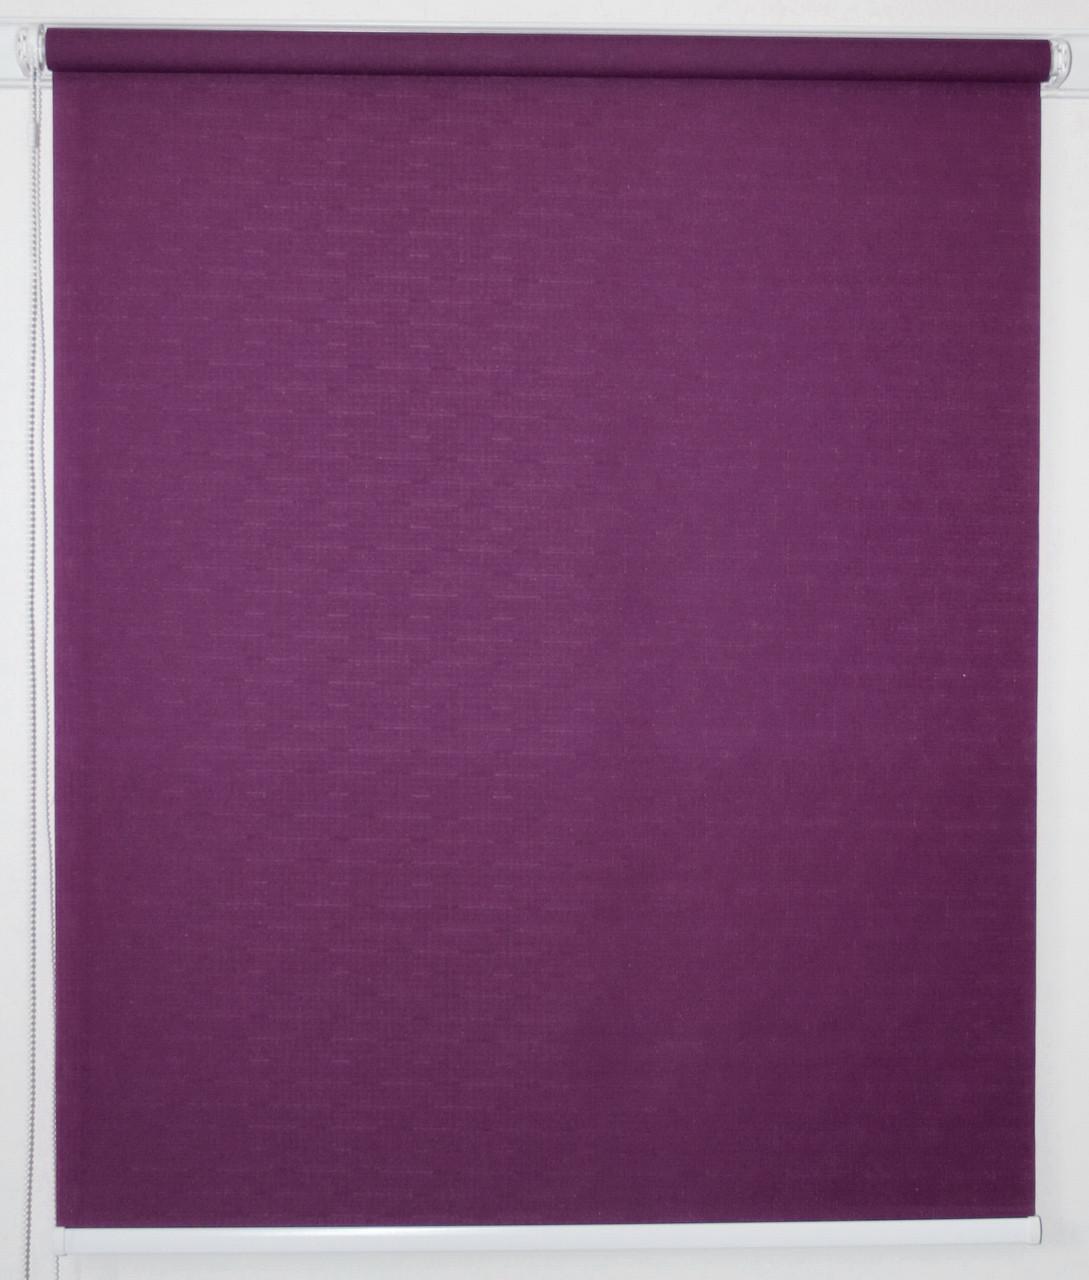 Рулонная штора 900*1500 Ткань Лён 613 Фиолетовый